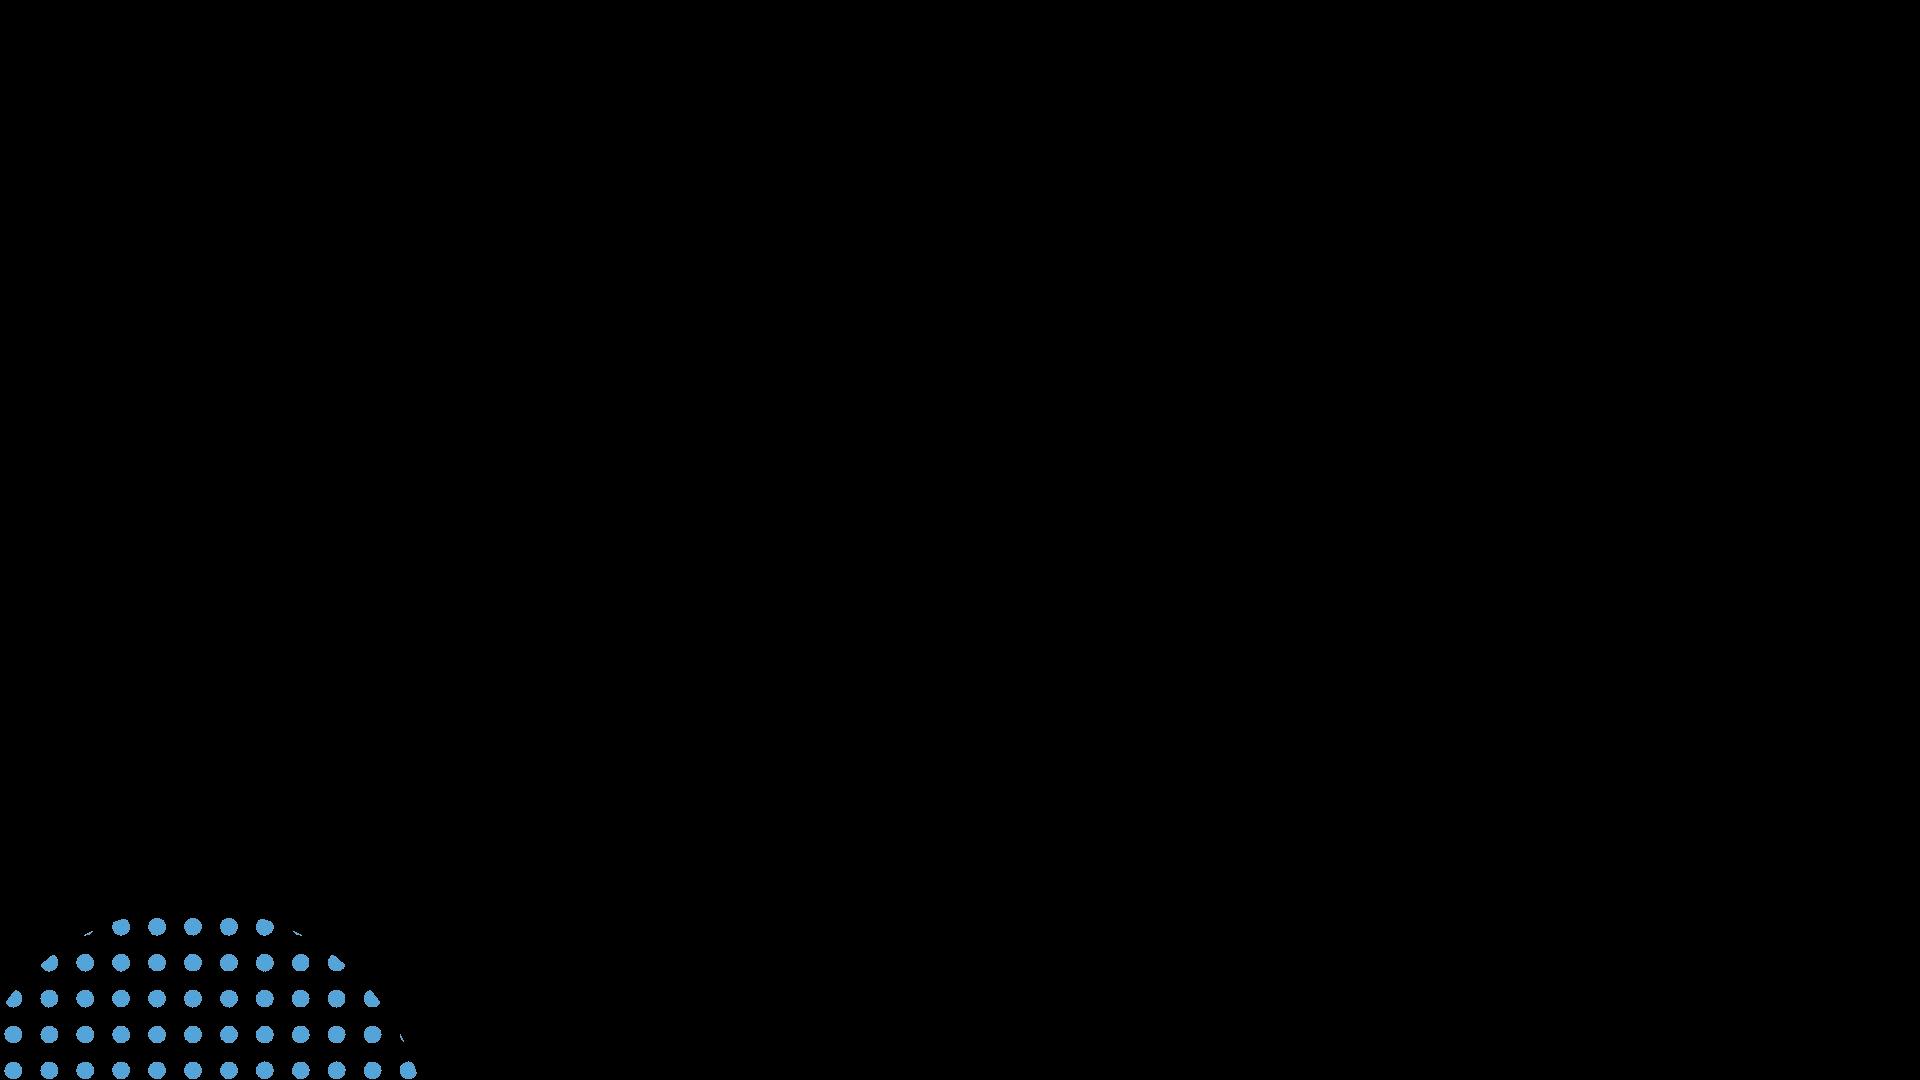 bg-img-06